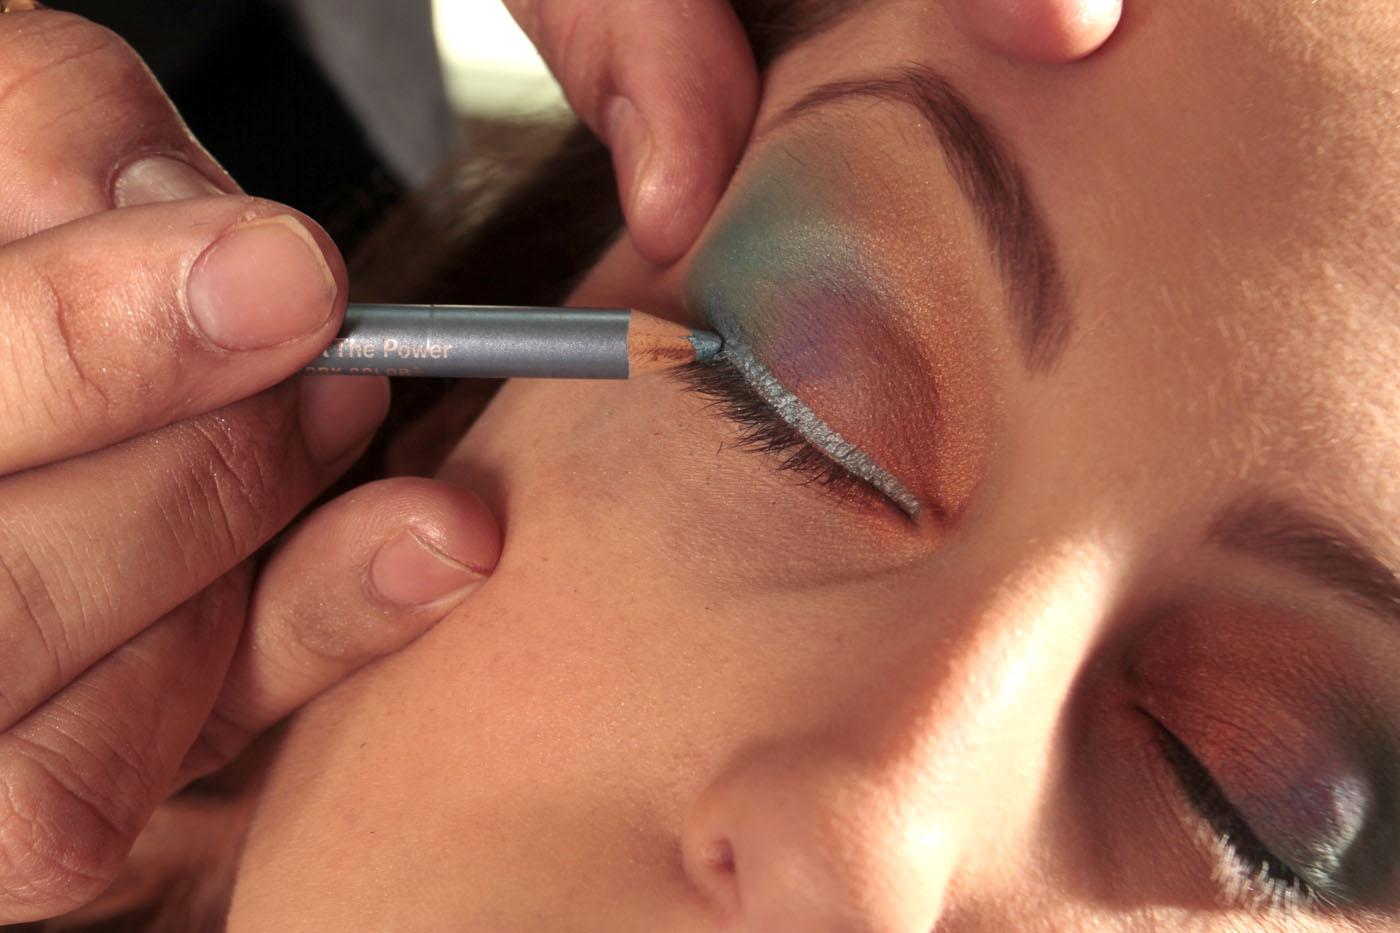 Passe um lápis de olho azul cintilante rente aos cílios para delinear, depois passe na parte inferior externa